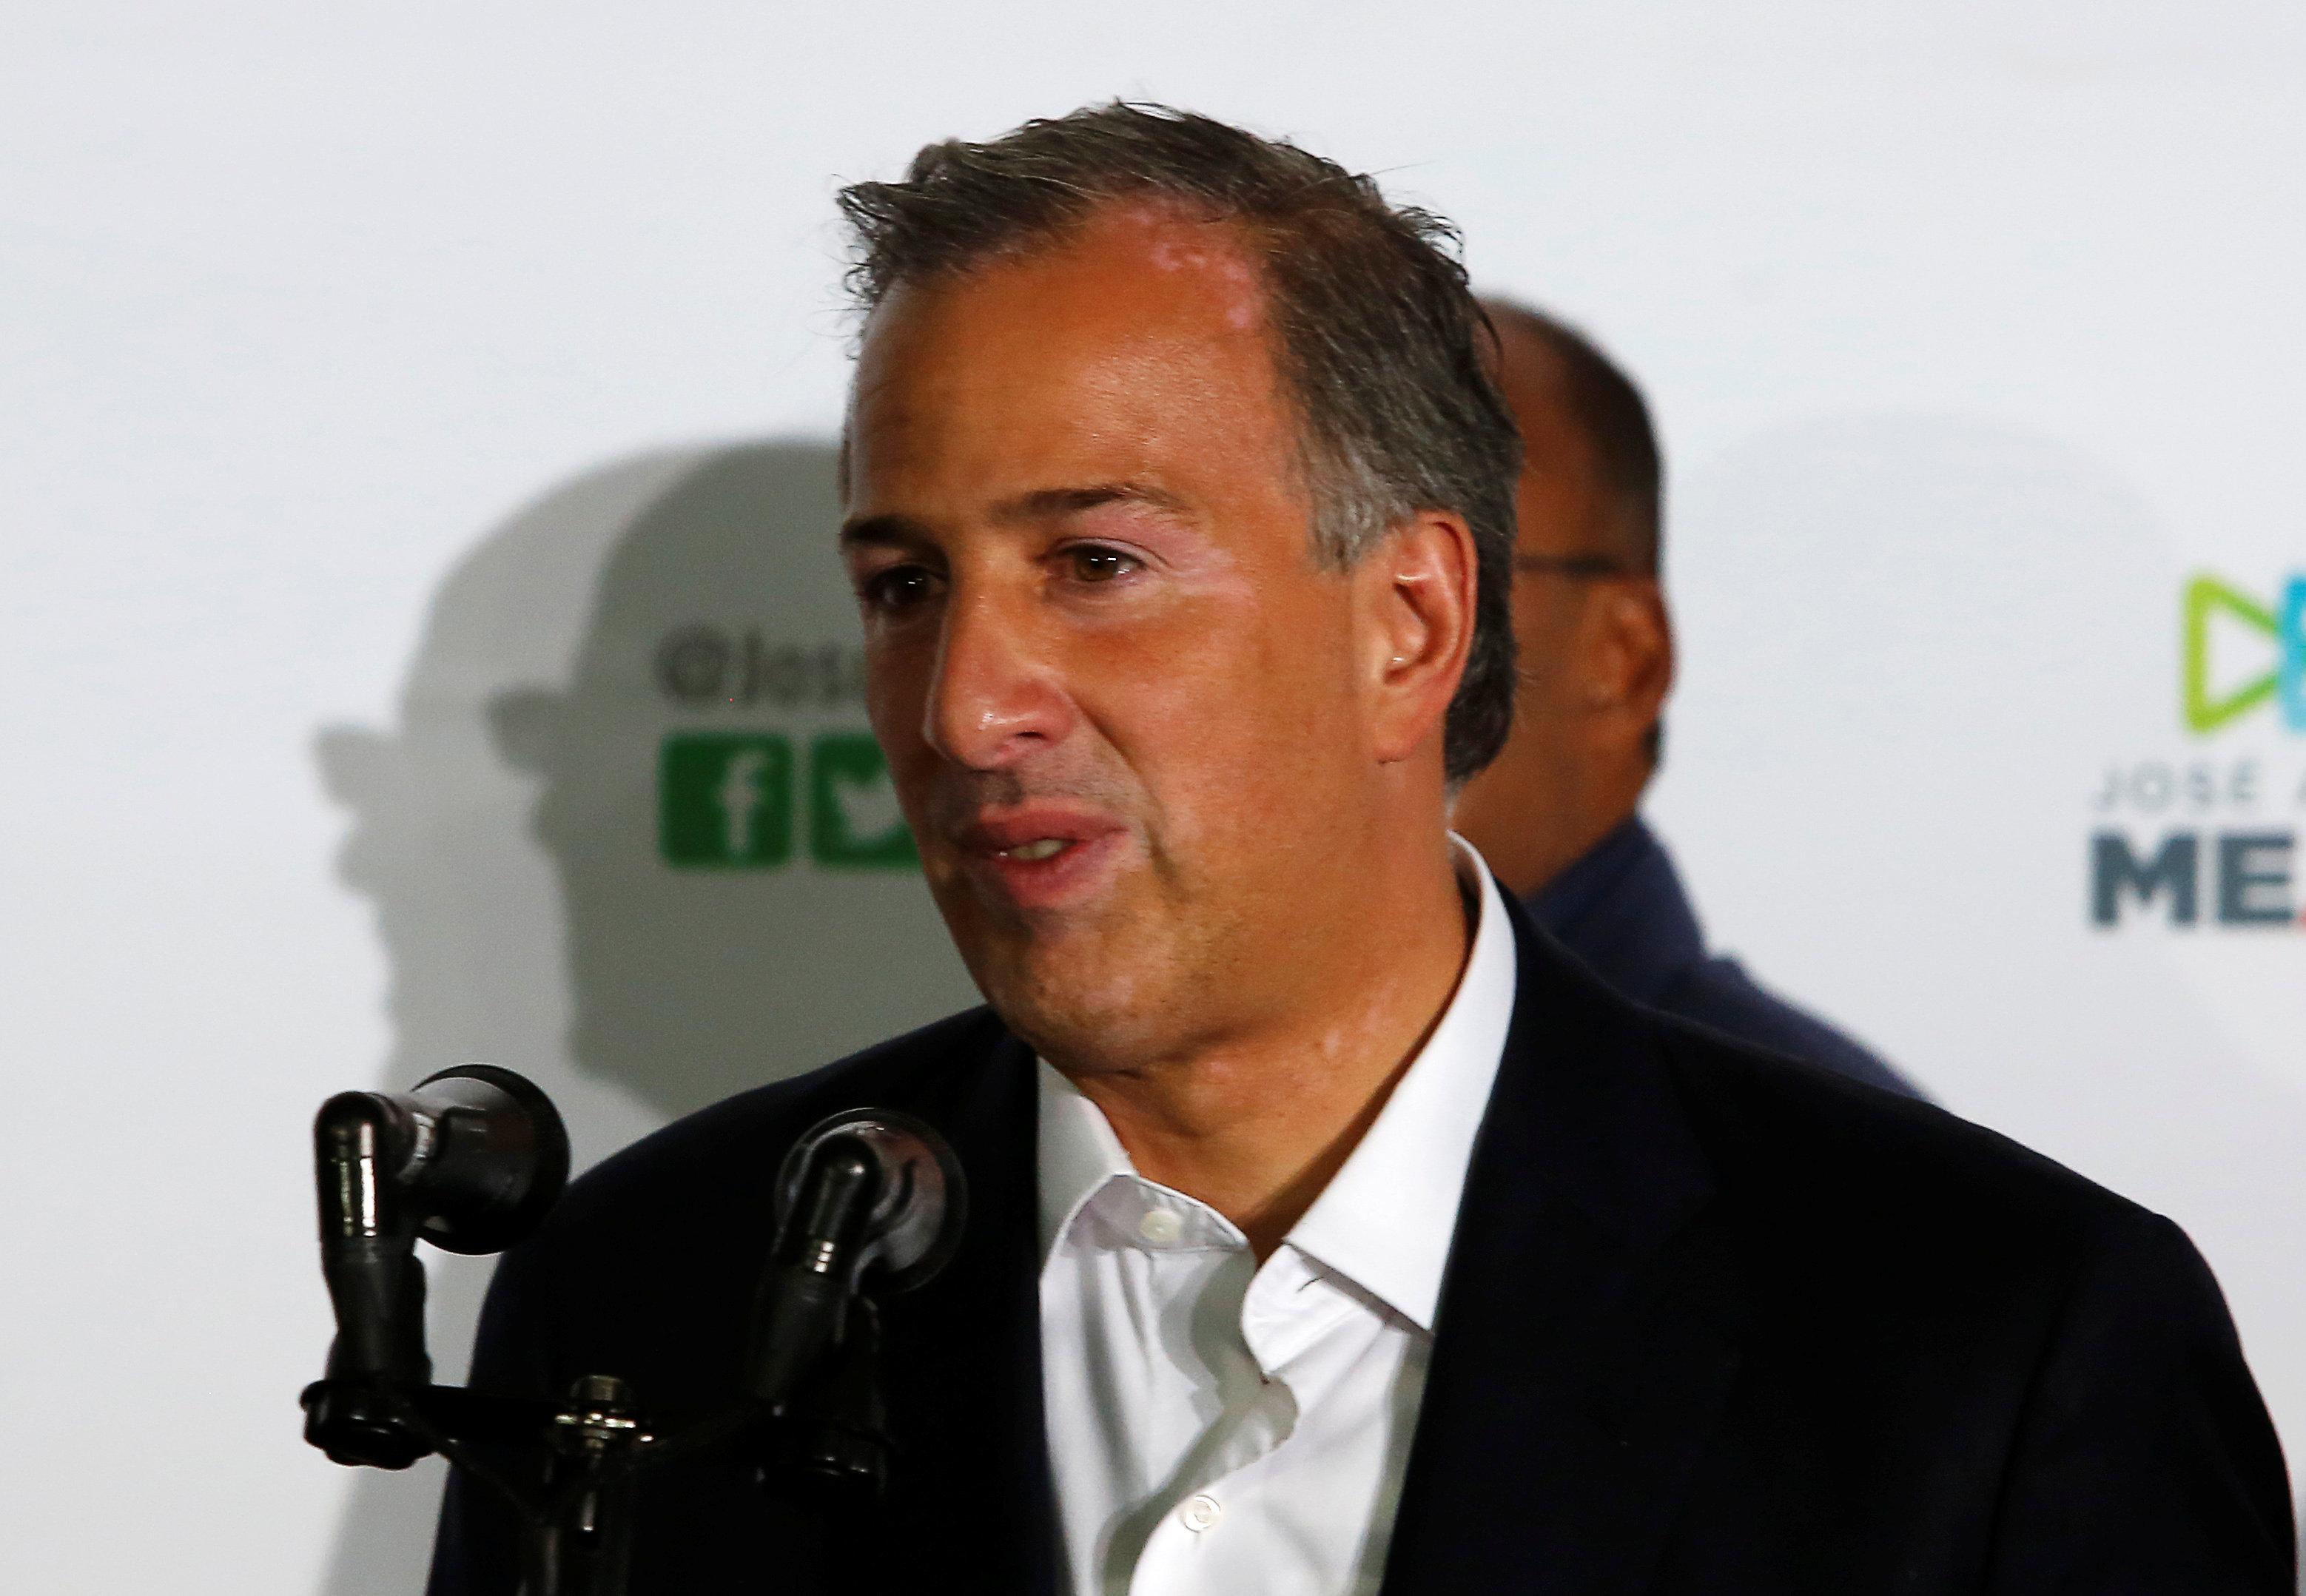 المرشح الرئاسي خوسيه أنطونيو